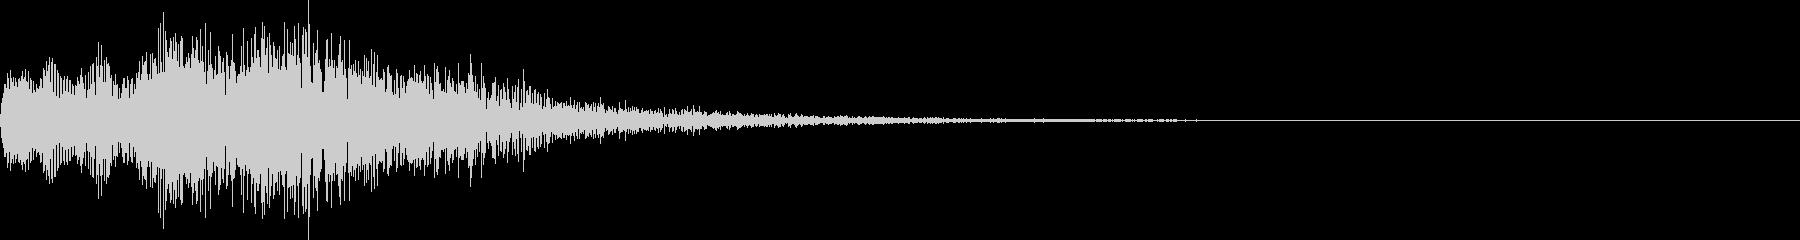 明るいボタン音、決定音の未再生の波形